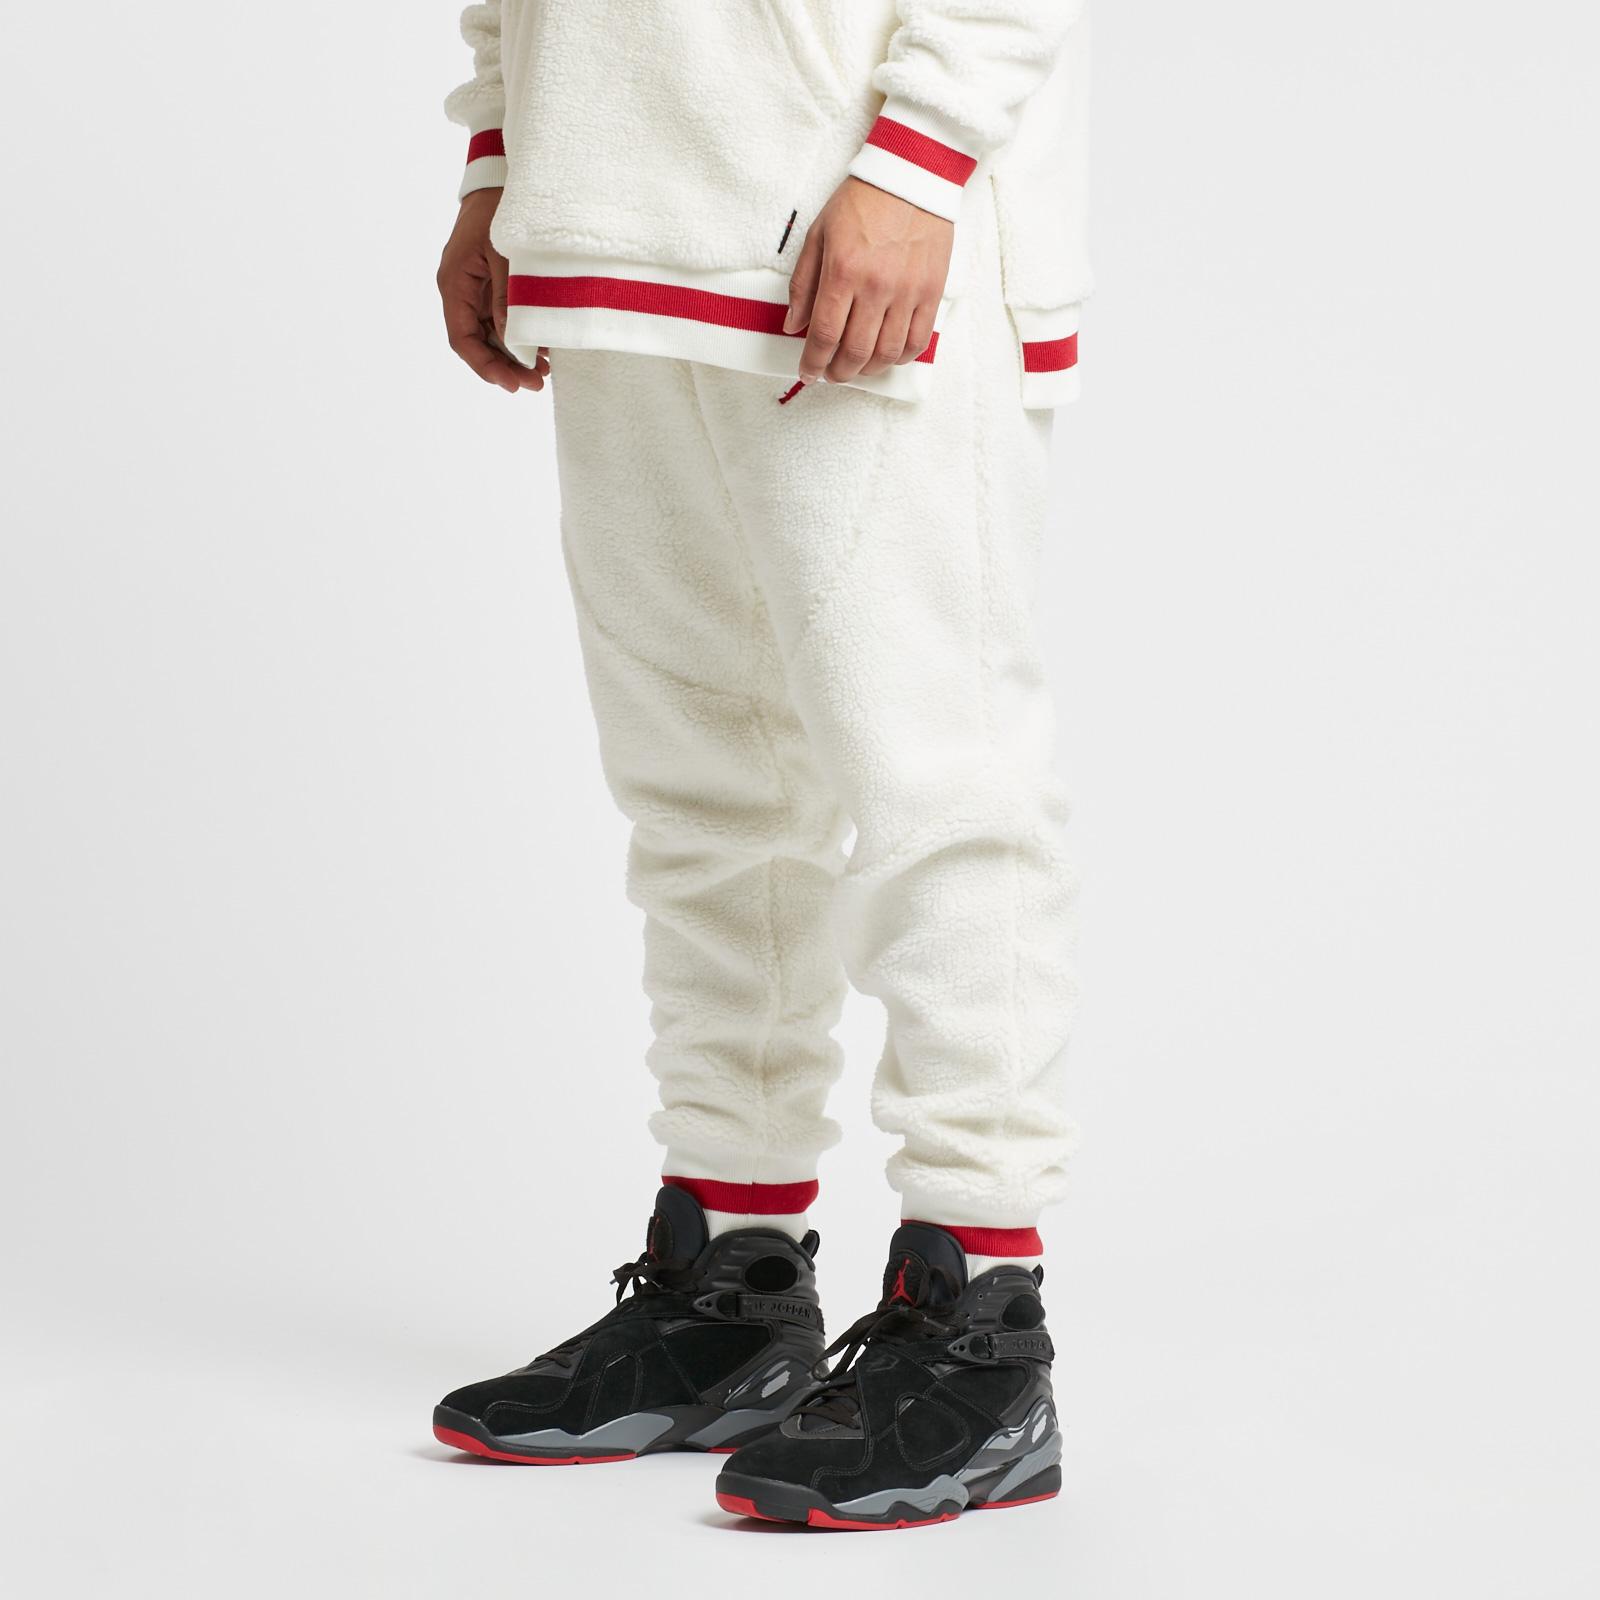 cd3b710f93fd5a Jordan Brand Shearling AJ1 Fleece Pant - Ah7911-133 - Sneakersnstuff |  sneakers & streetwear online since 1999